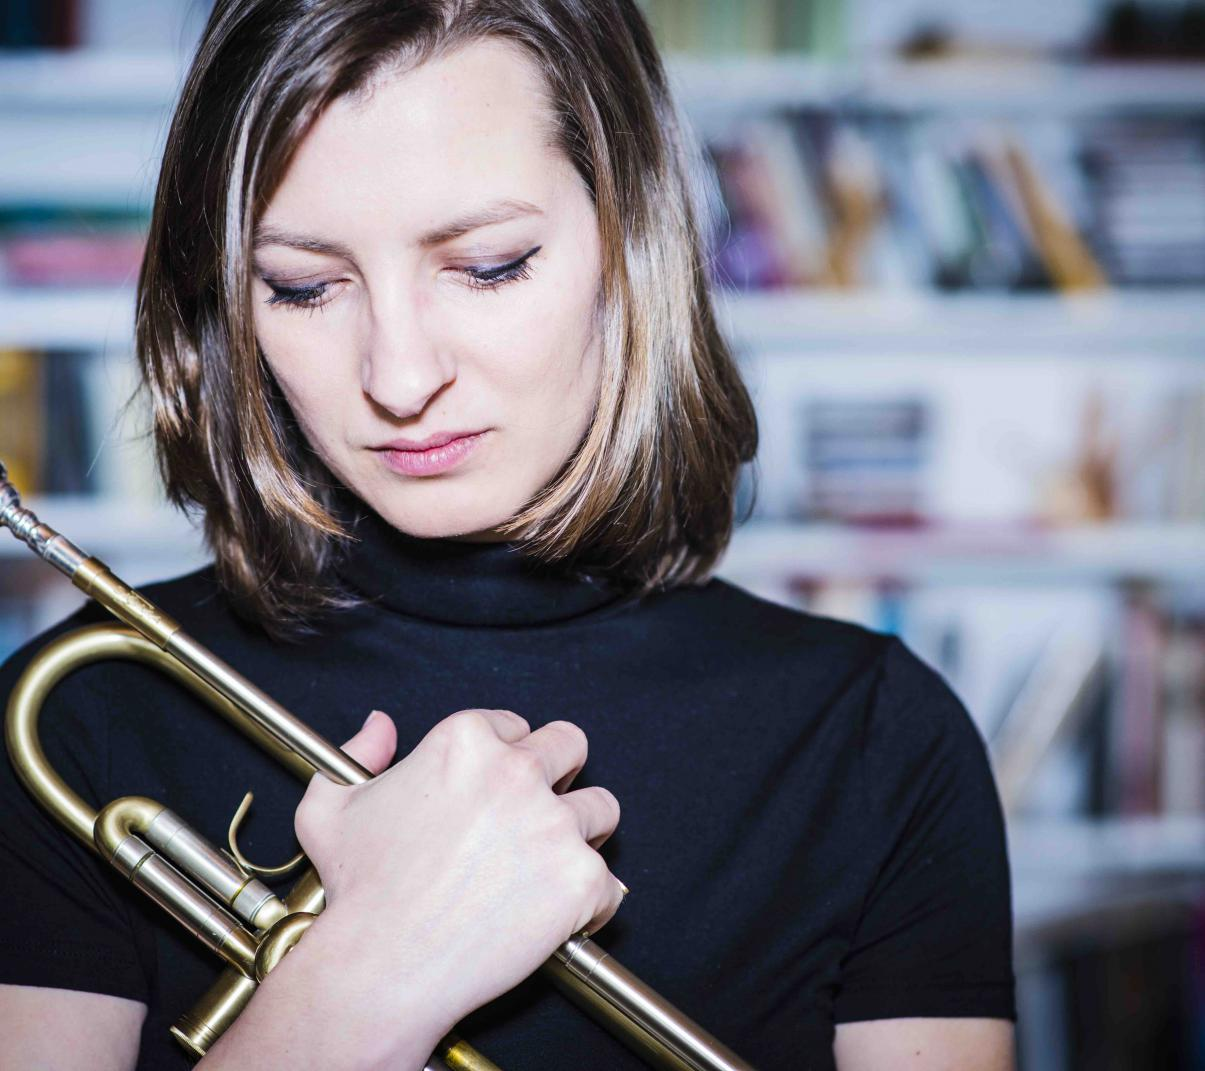 Štěpánka Balcarová (photo Vojtěch Havlík)